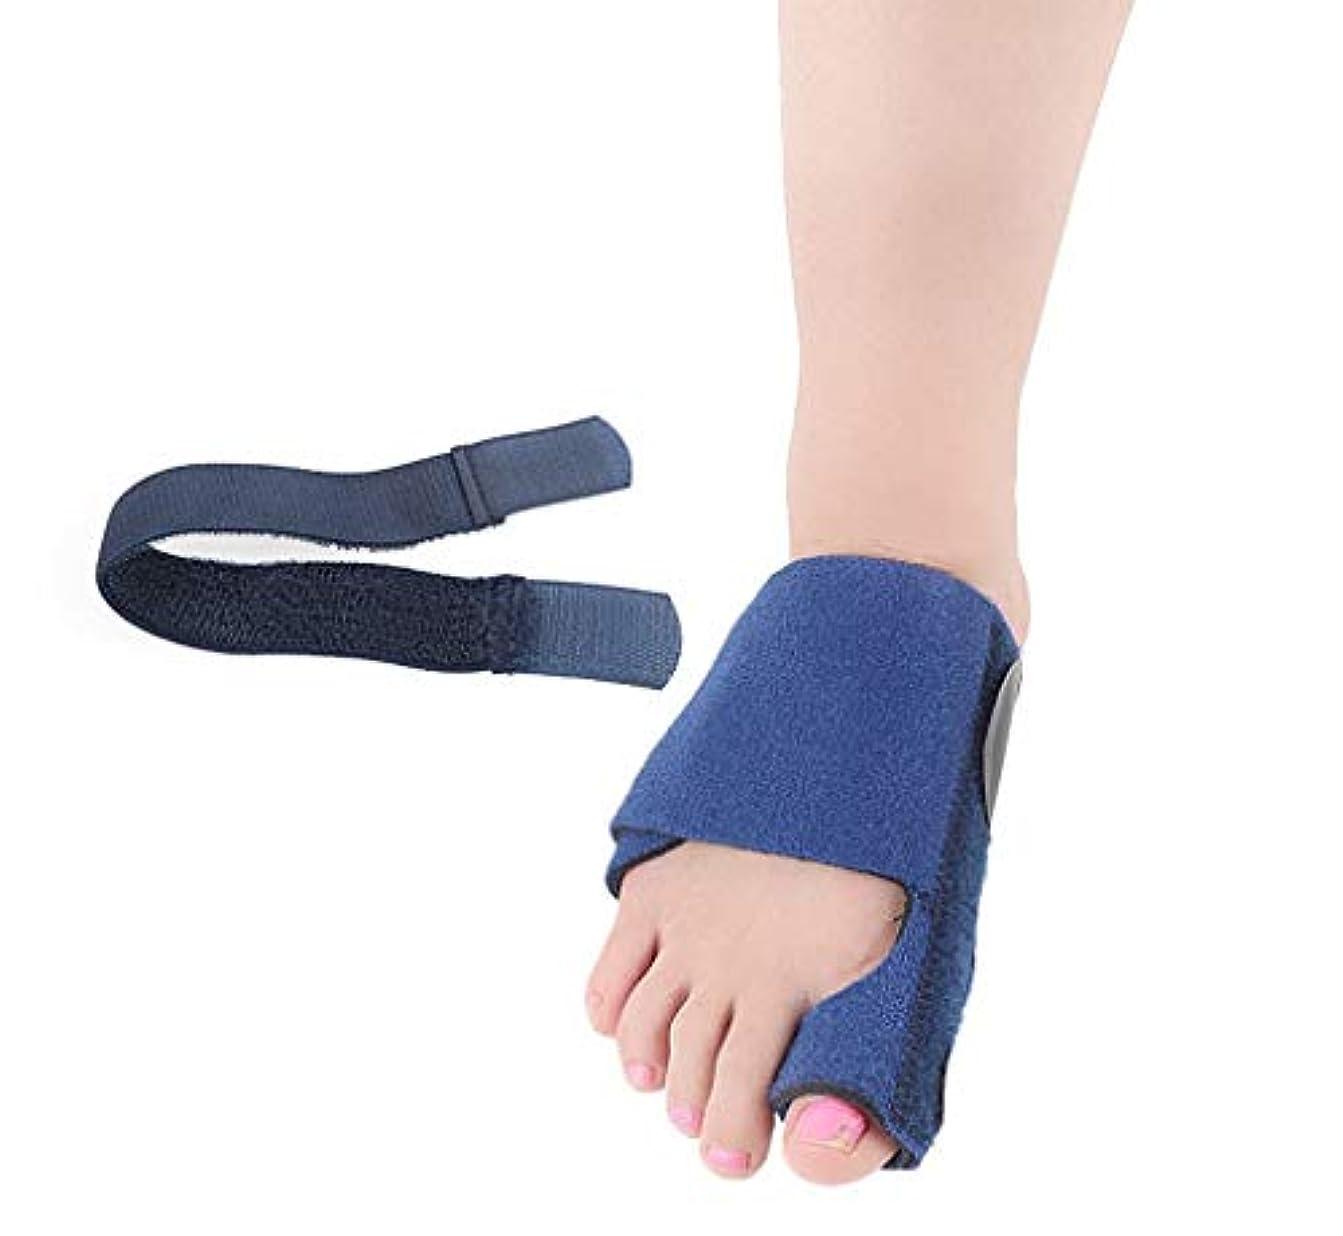 所持夫広告主バニオンコレクター  - 整形外科用足首矯正ビッグトゥストレートナー - 外反母趾パッド用副木ブレース、関節痛の緩和、アライメント治療 - 整形外科用スリーブフットラップ